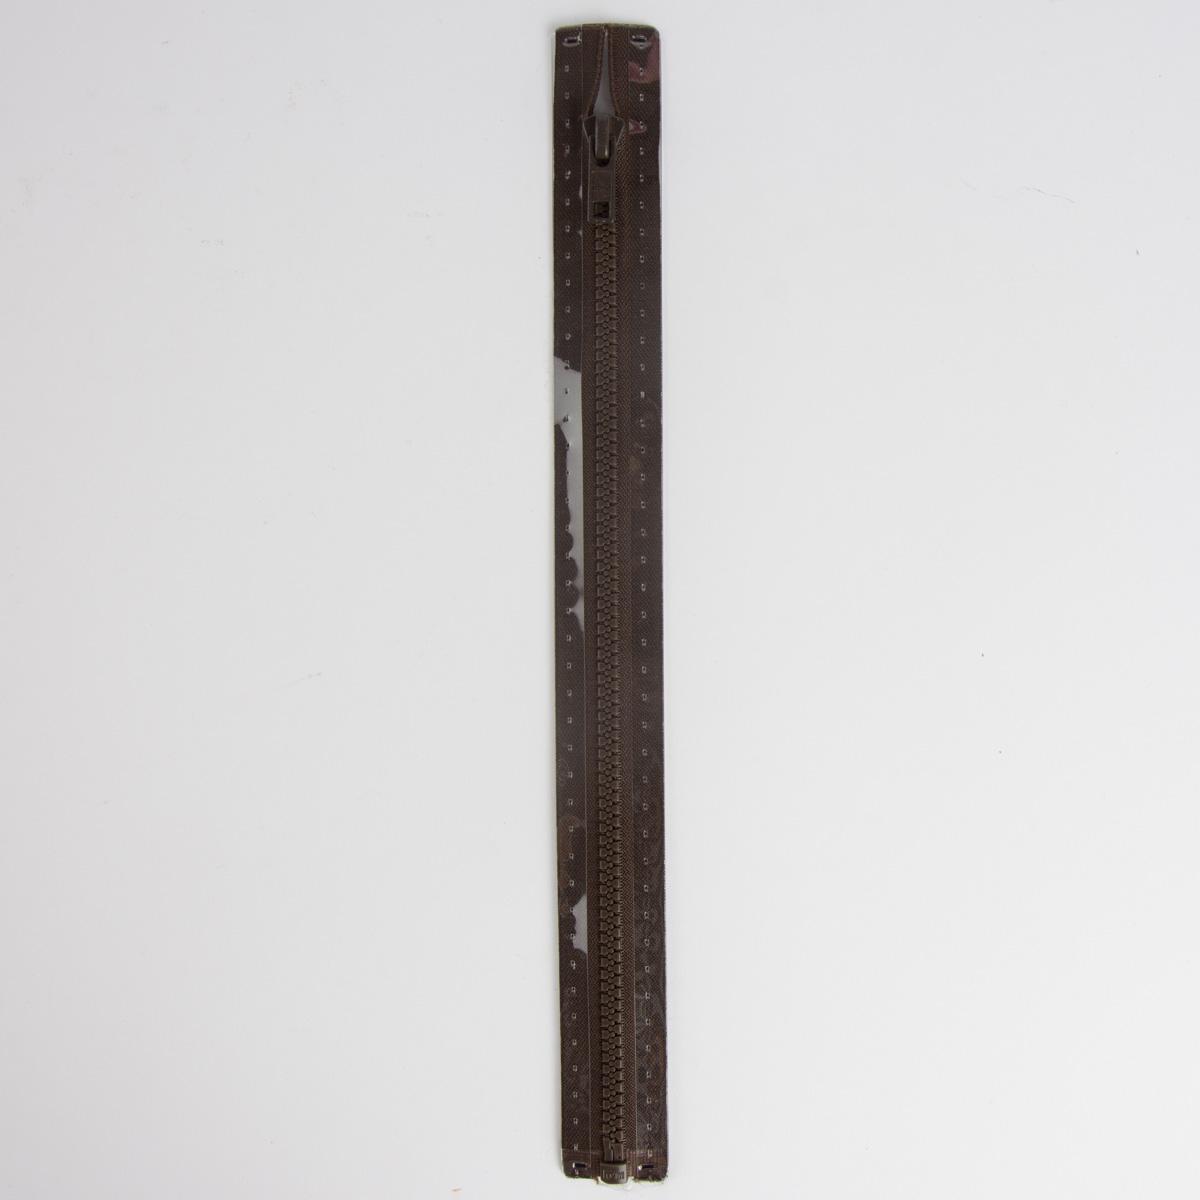 Prym Reißverschluss Kunststoff teilbar grob Col. 881 60cm